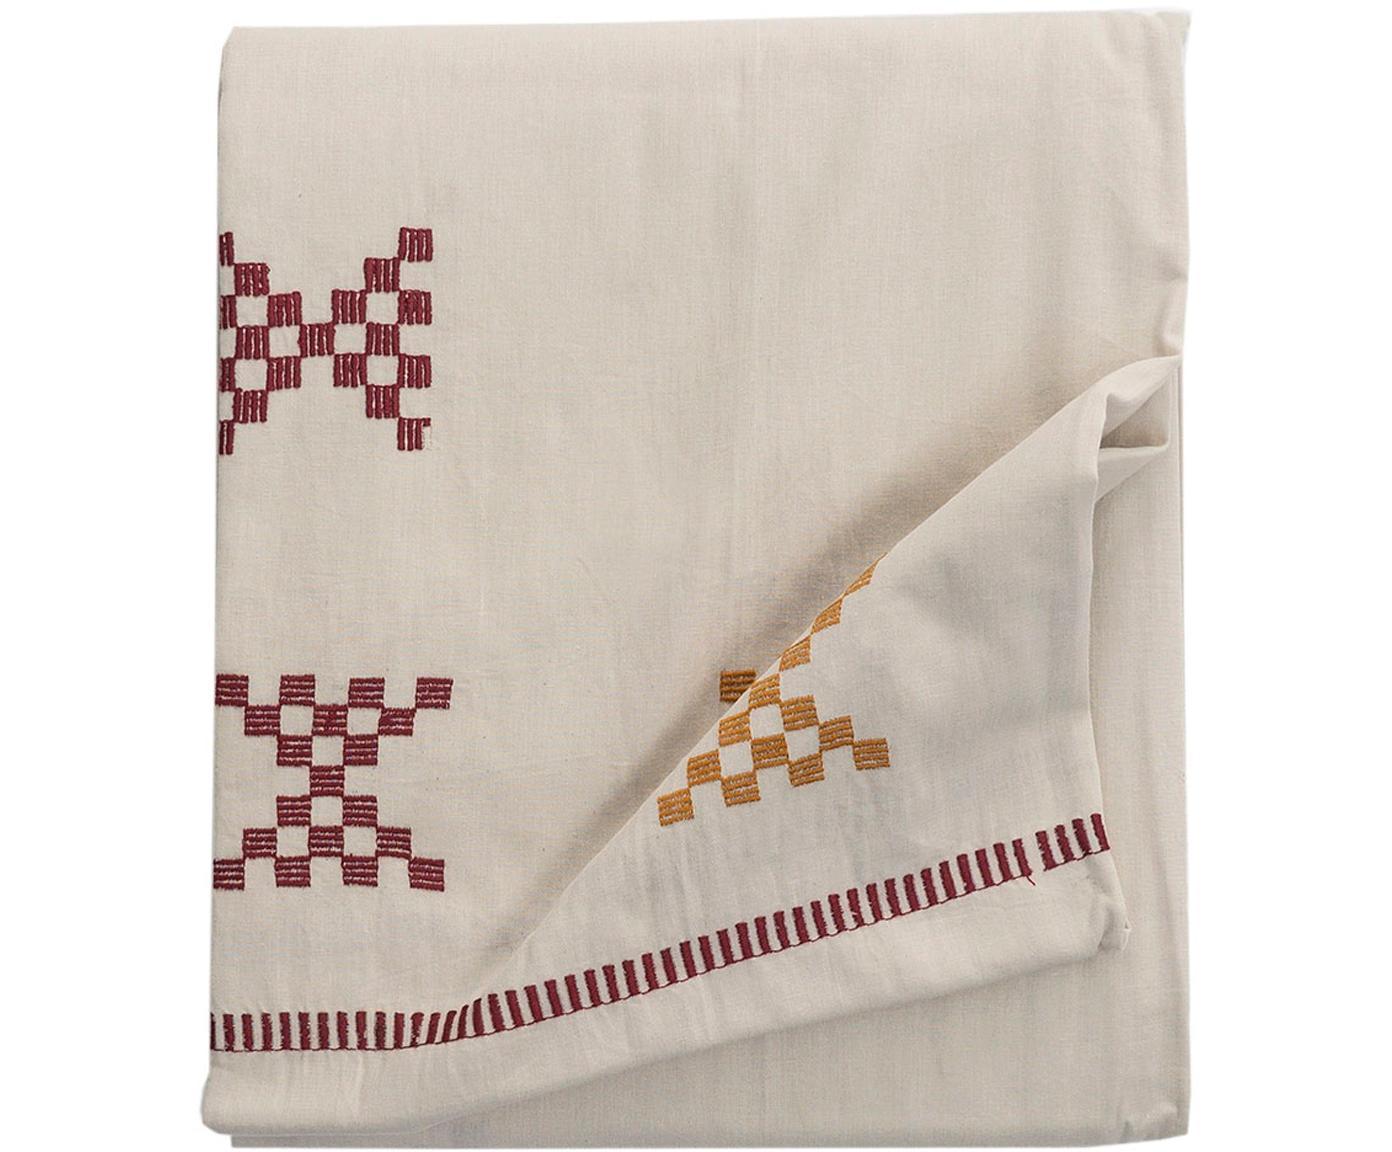 Tafelkleed Kelti, Katoen, Gebroken wit, rood, geel, Voor 6 - 8 personen (B 160 x L 250 cm)